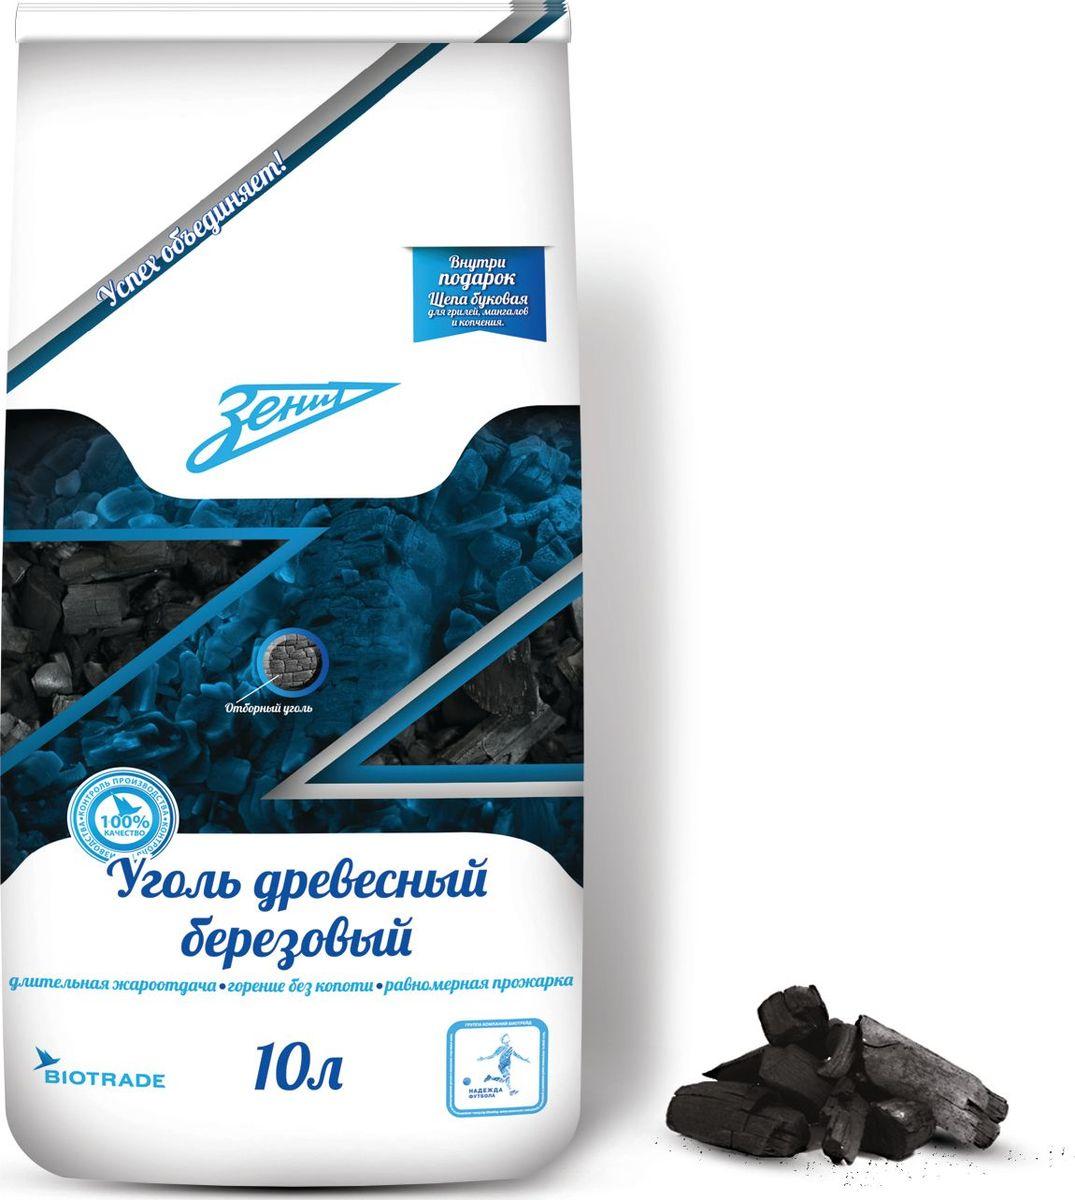 Уголь Зенит, 10 лУголь Зенит 10лИдеальное топливо для всех типов грилей. Изготовлен из березовой древесины. Применяется для приготовления мяса, рыбы и других продуктов в мангалах, шашлычницах, грилях, а также в качестве топлива для каминов и печей любого вида. Вес 1,4 кг